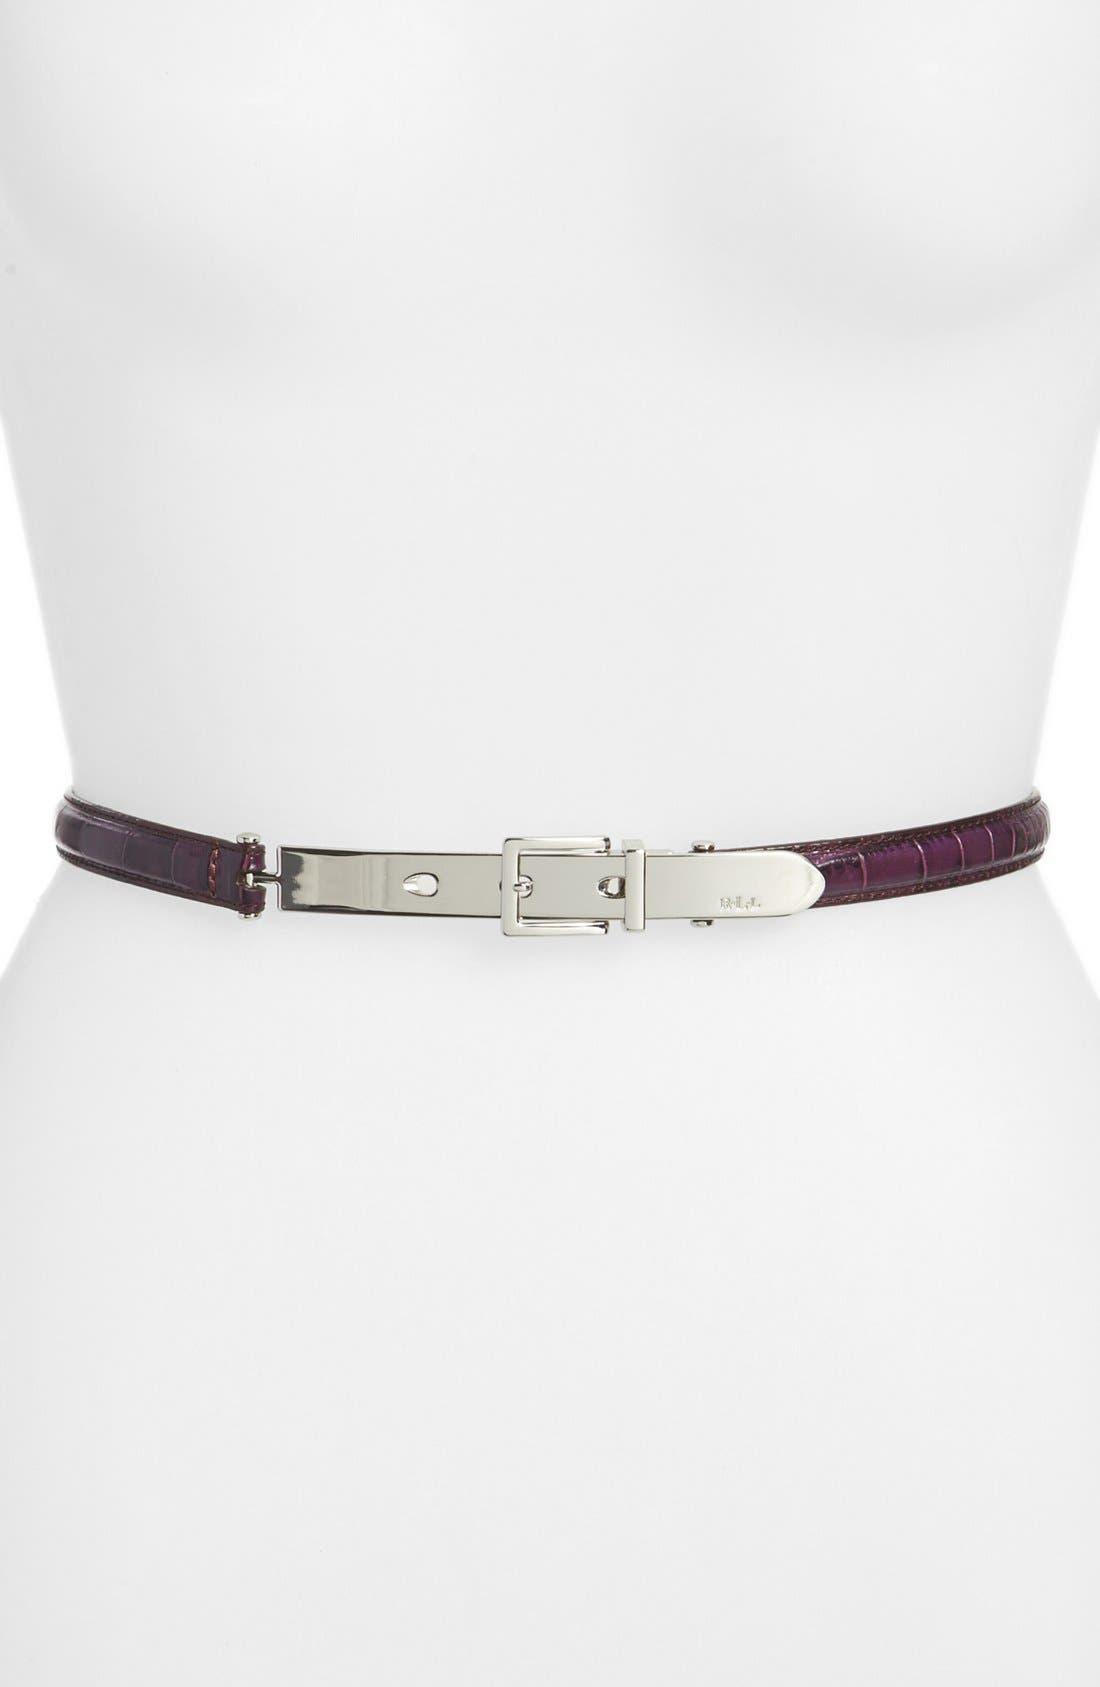 Alternate Image 1 Selected - Lauren Ralph Lauren Croc Embossed Belt